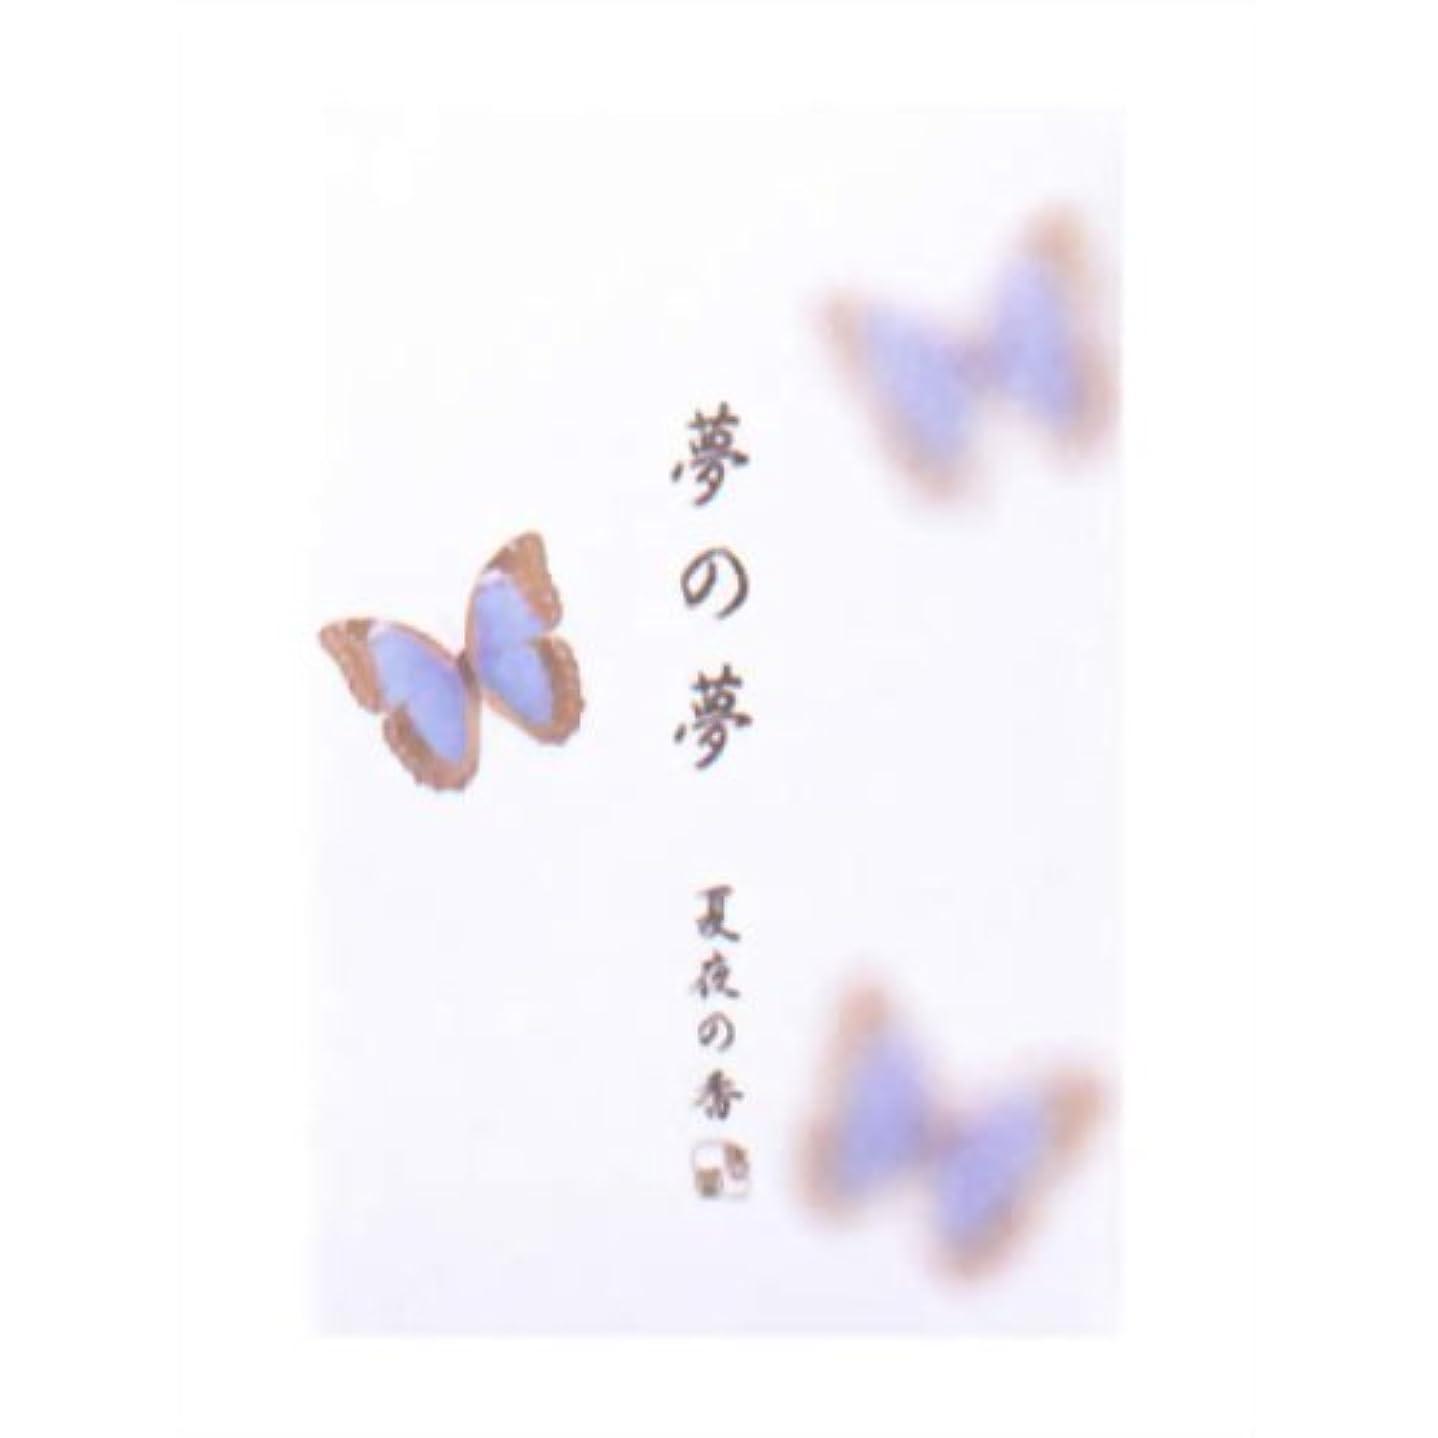 シットコムぎこちないブラウン夢の夢 夏夜の香 (蝶々) スティック12本入